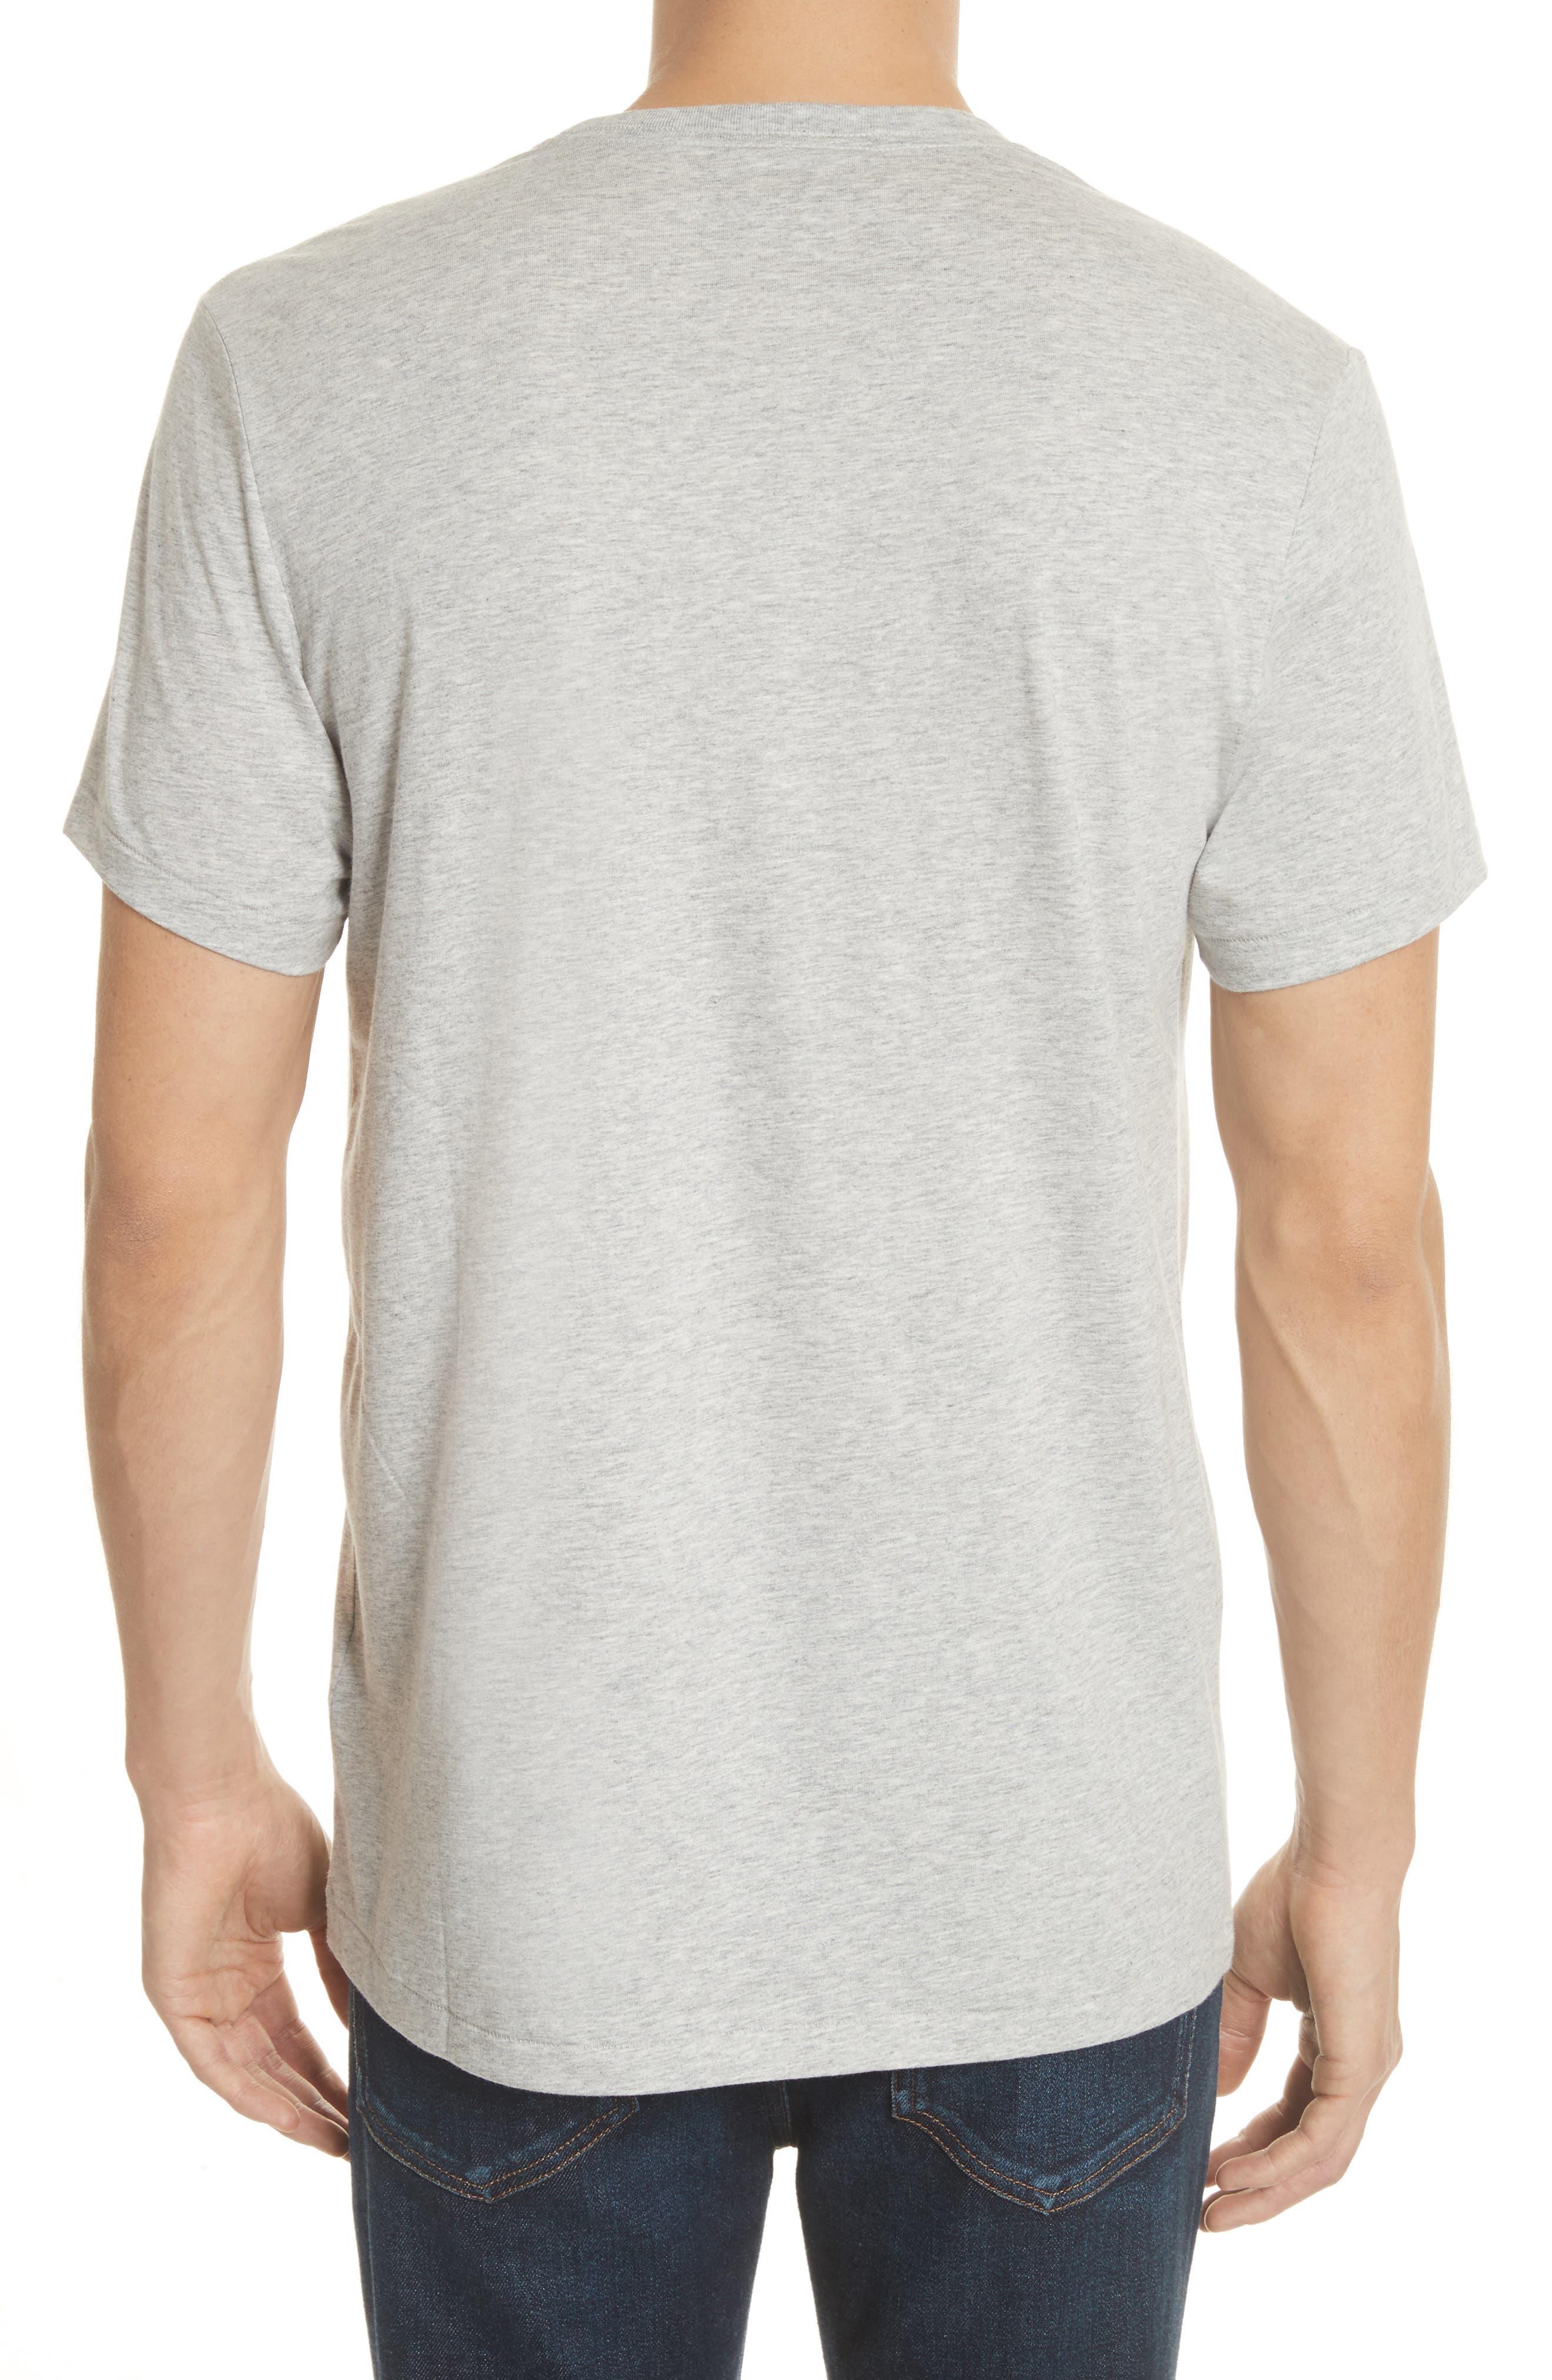 Jadforth V-Neck T-Shirt,                             Alternate thumbnail 2, color,                             PALE GREY MELANGE